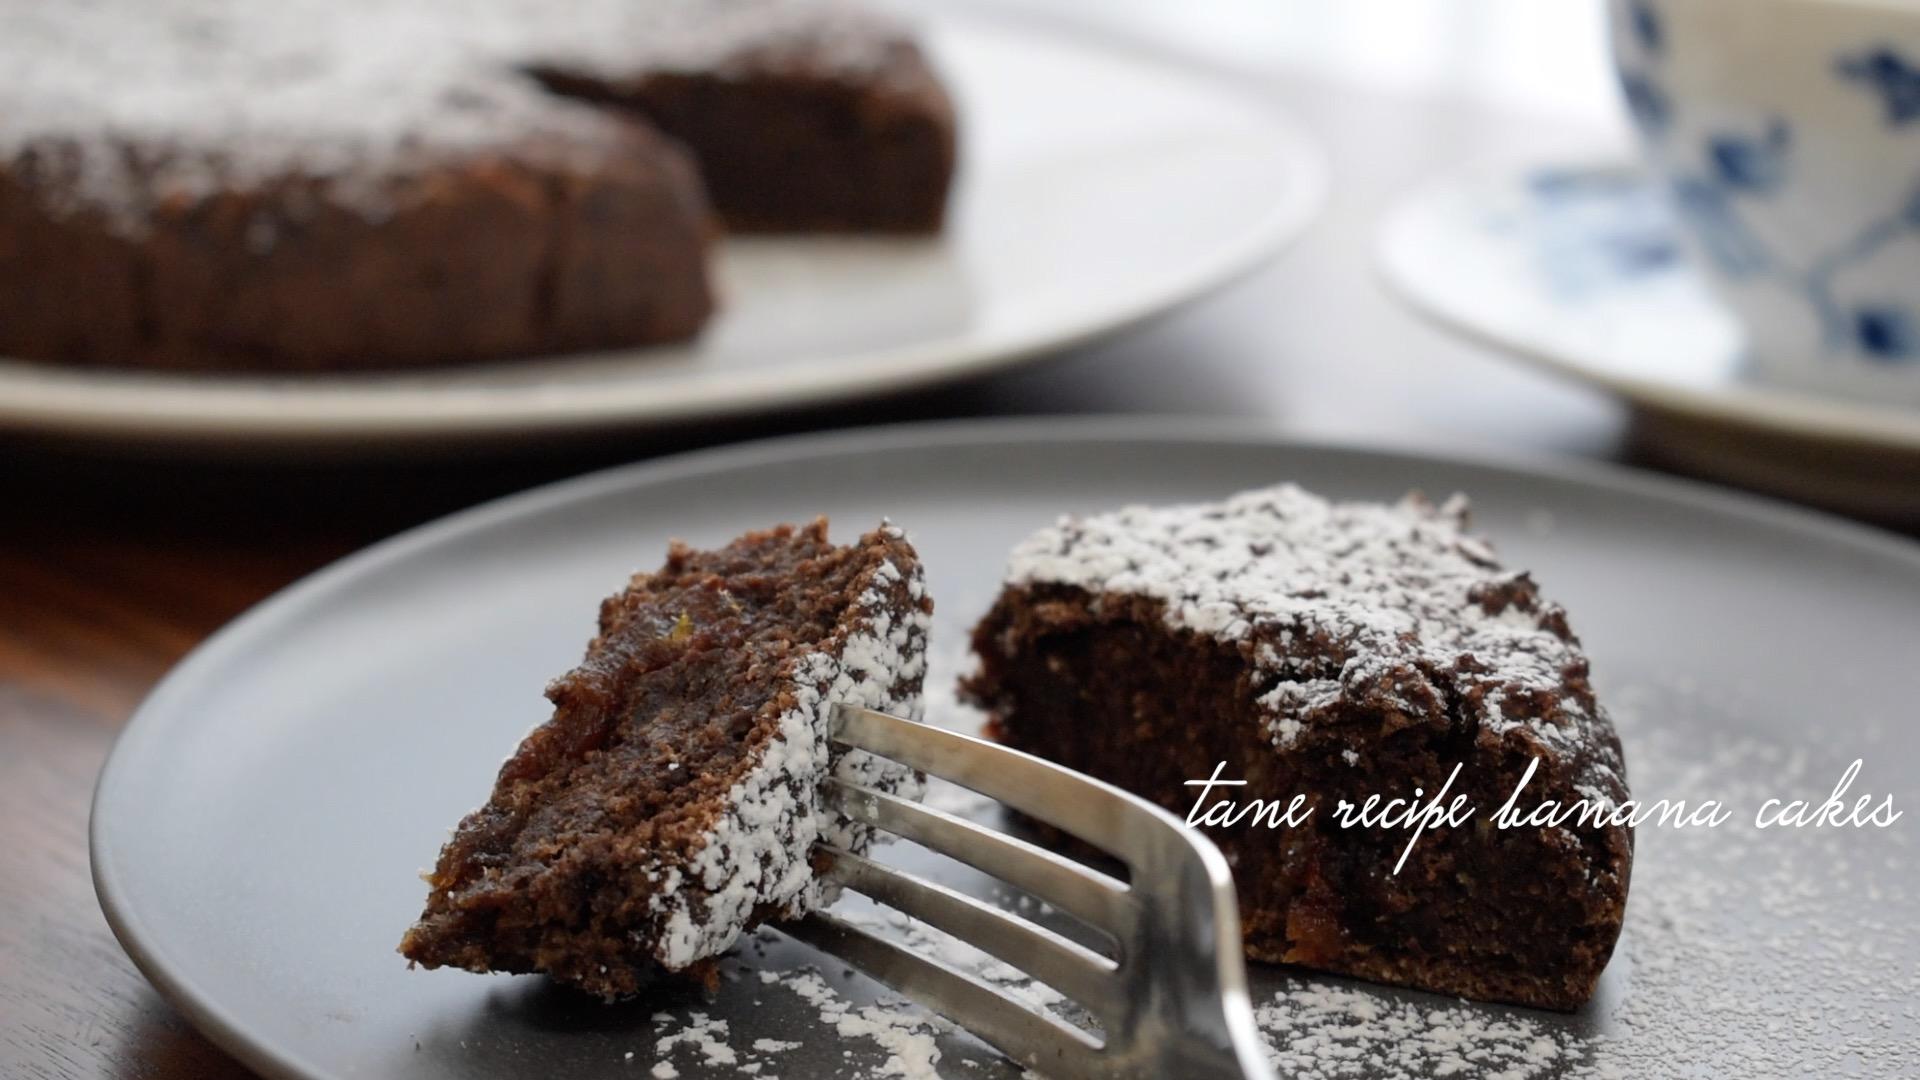 【オートミール】チョコレートバナナケーキ【小麦粉・卵・乳製品不使用】